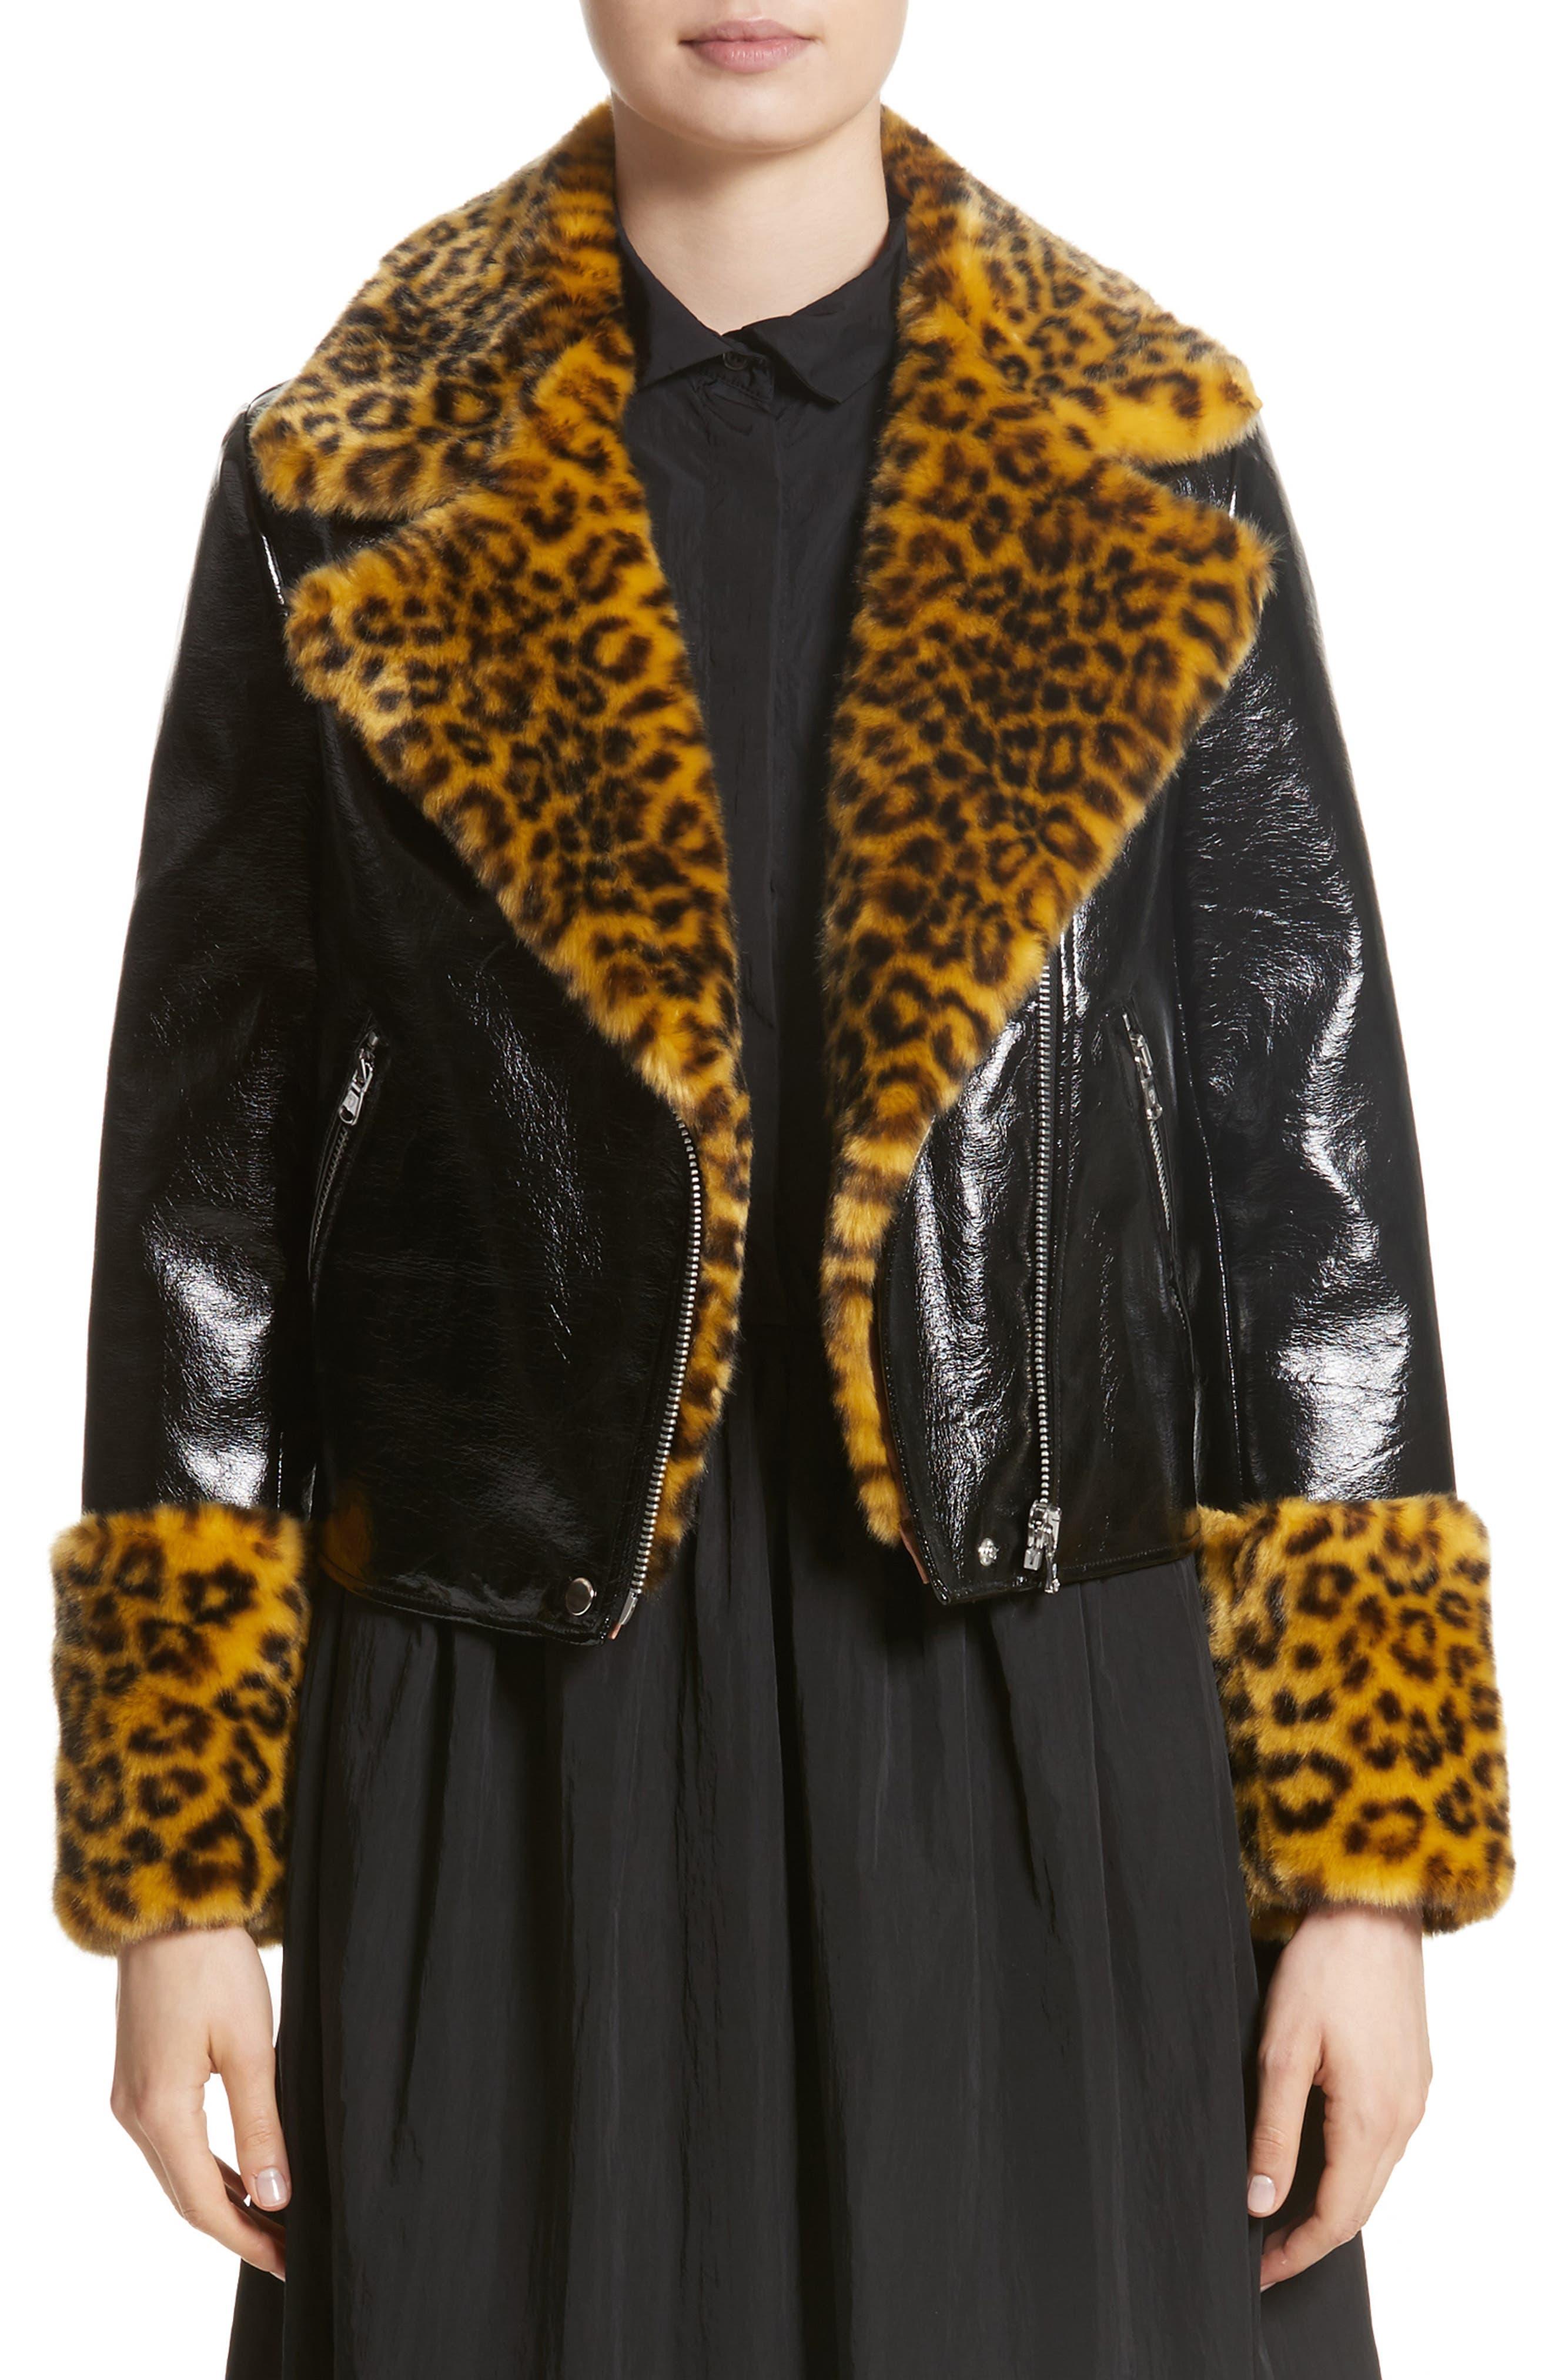 Main Image - Shrimps Maisie Faux Leather Biker Jacket with Faux Fur Trim